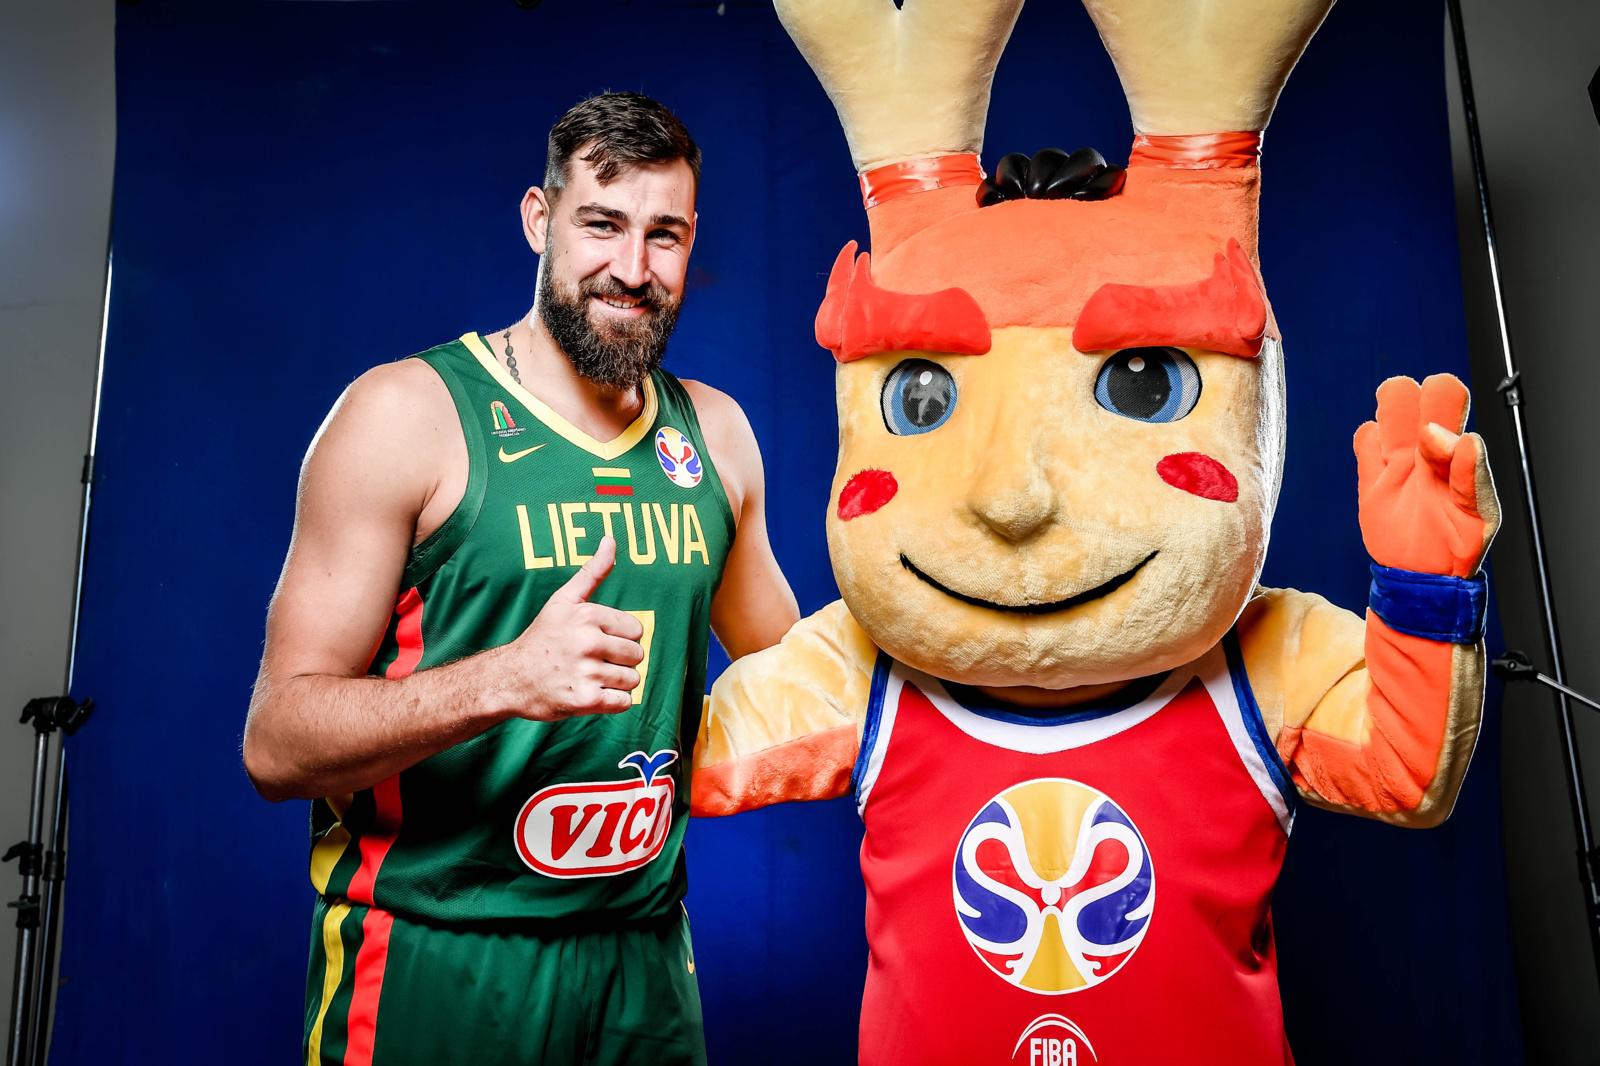 Lietuvos krepšininkai dalyvavo oficialiose pasaulio čempionato vaizdo ir fotosesijose